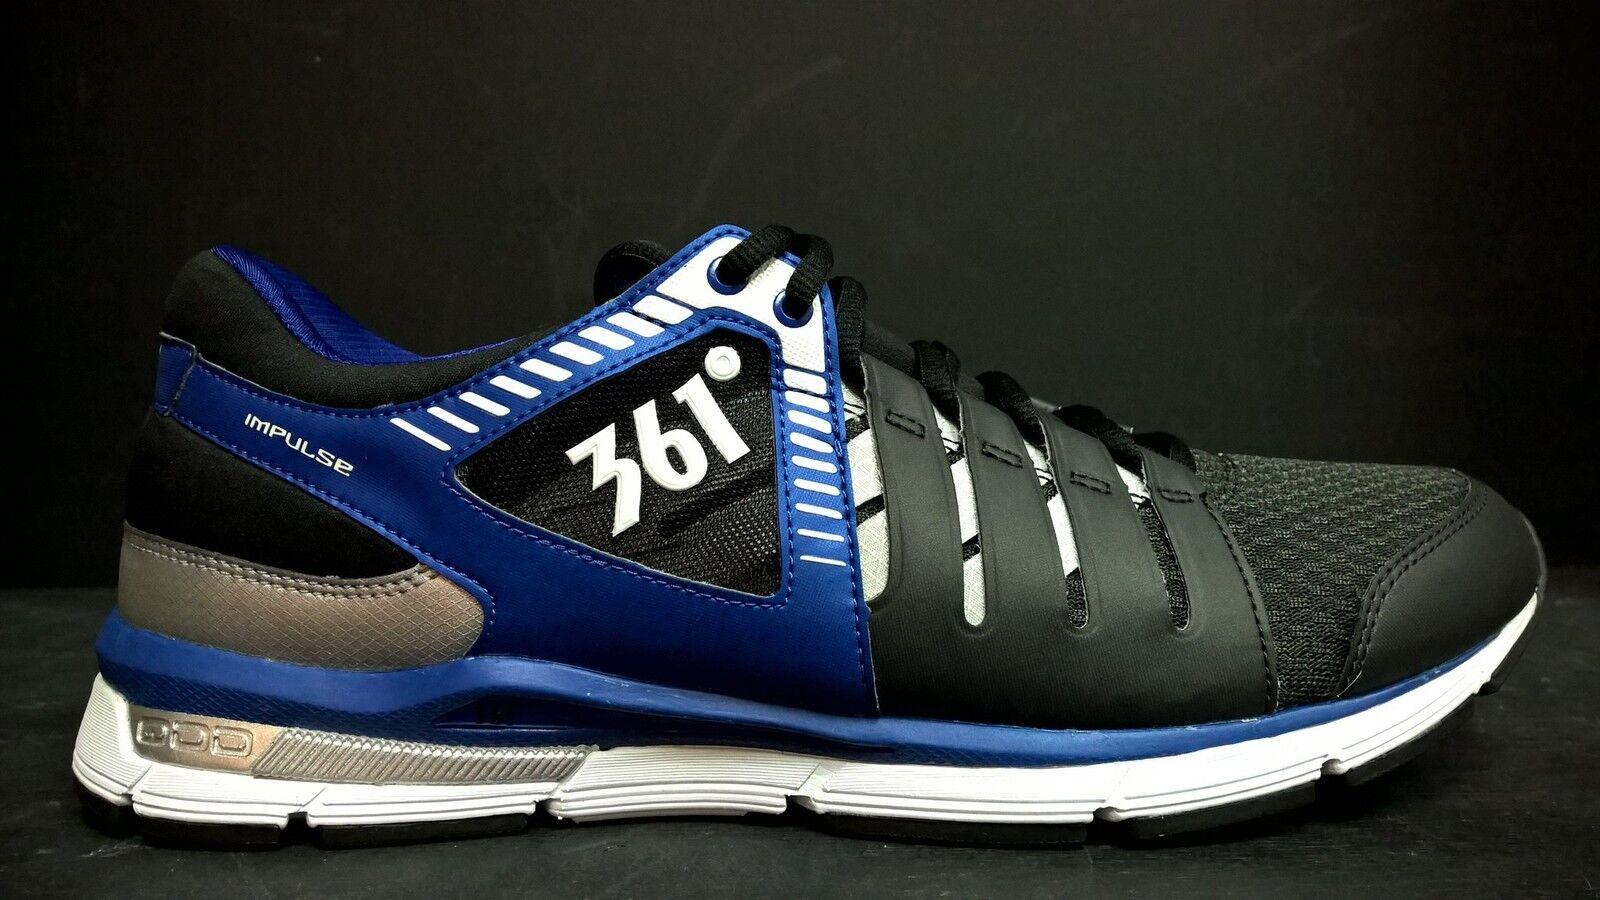 361 Men's Size 9.5 Impulse Running shoes, 101420104-1004, Black bluee